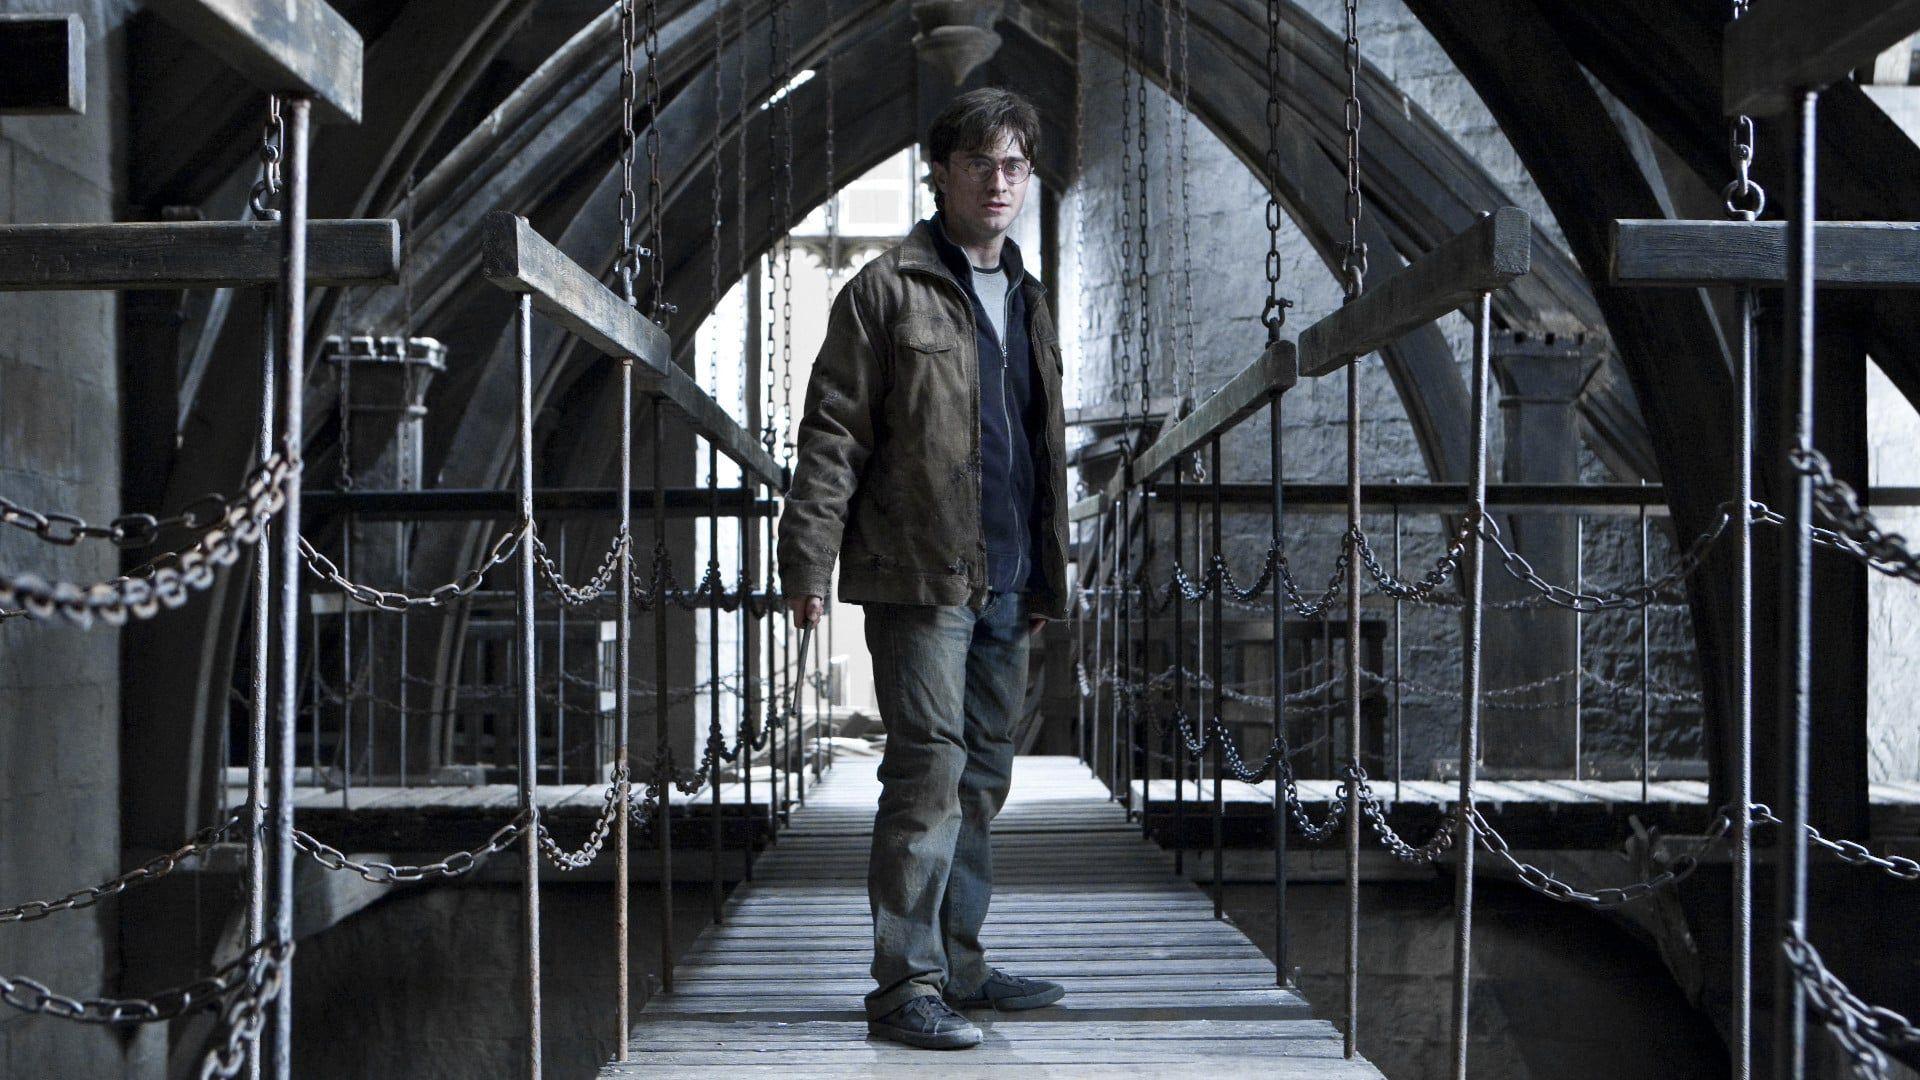 Harry Potter Und Die Heiligtumer Des Todes Teil 2 2011 Ganzer Film Deutsch Komplett Kino Das Ende Harry Potter Movies Ranked Harry Potter Movies Harry Potter